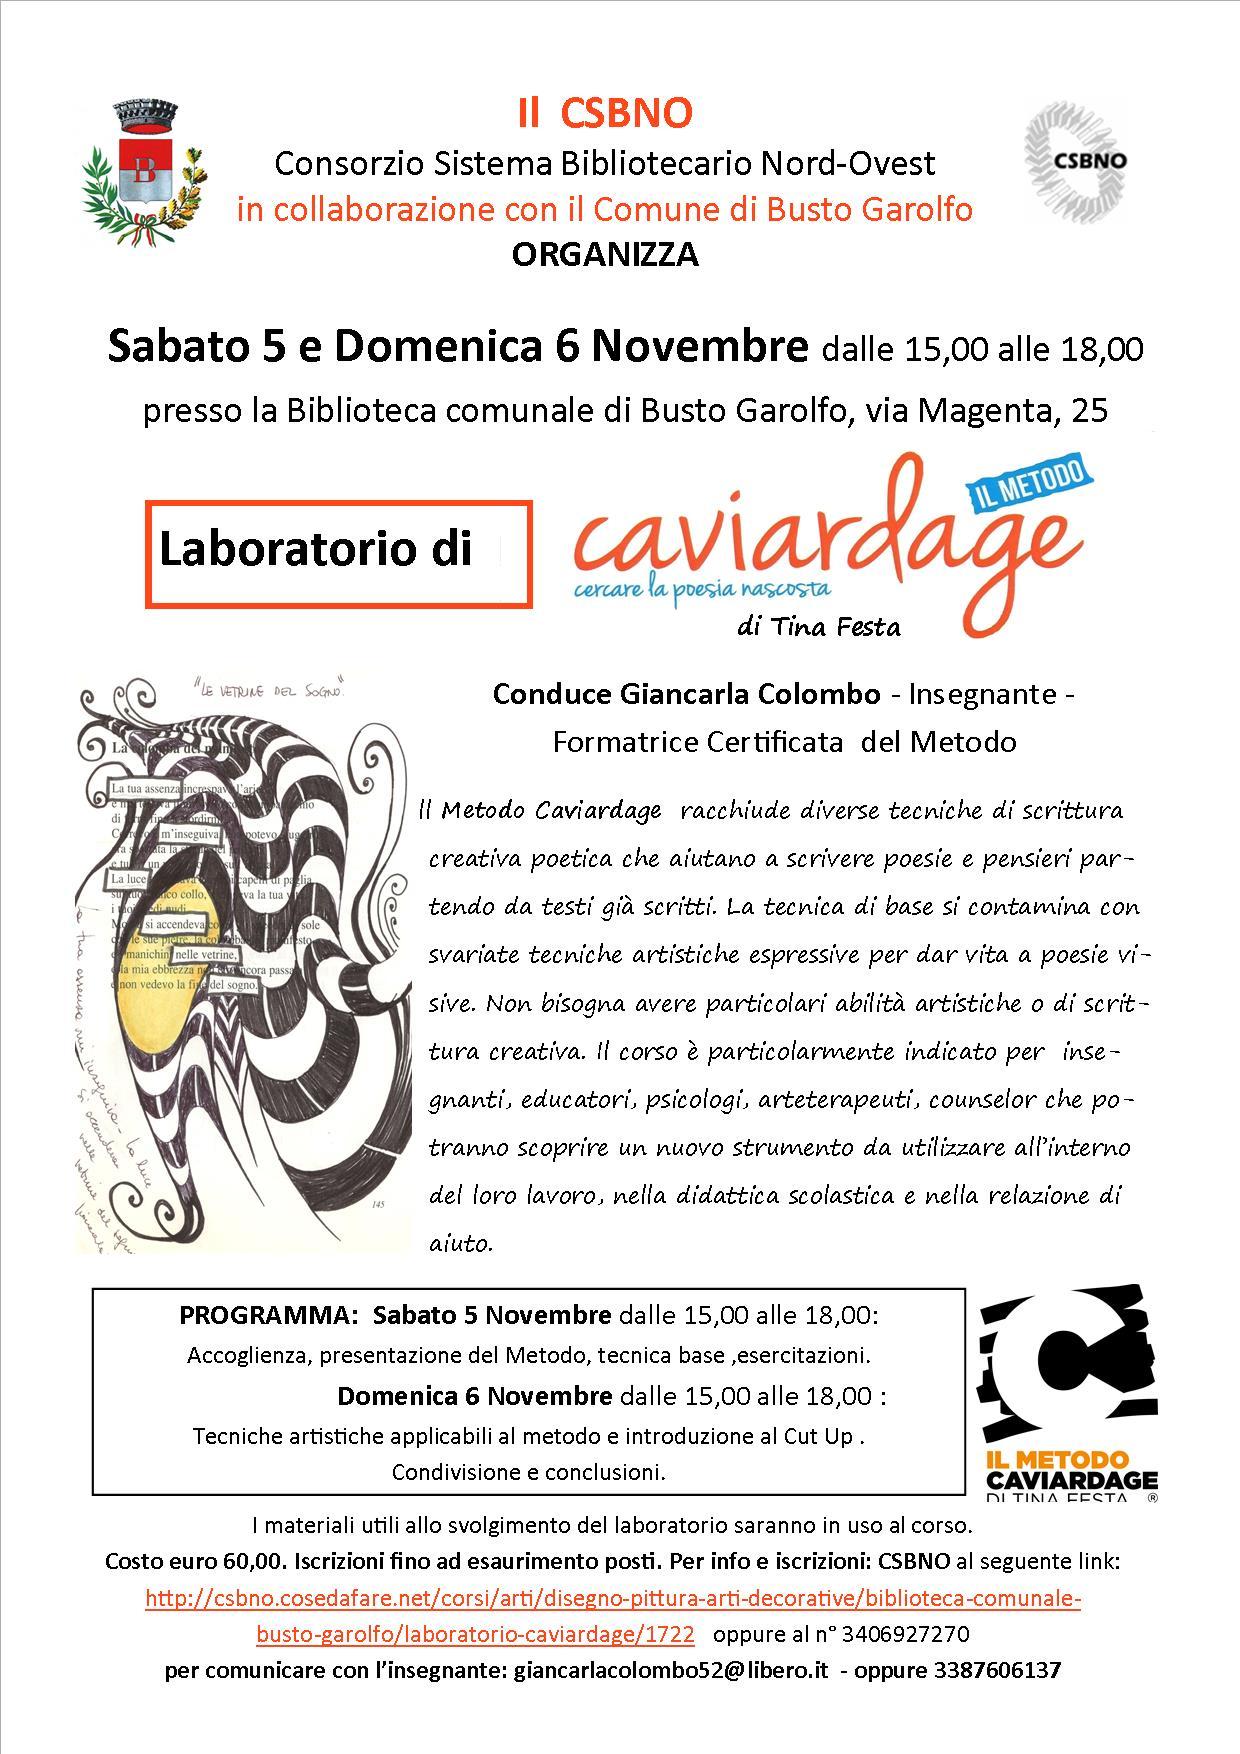 Laboratorio di Caviardage a Busto Garolfo (MI)- condotto da Giancarla Colombo